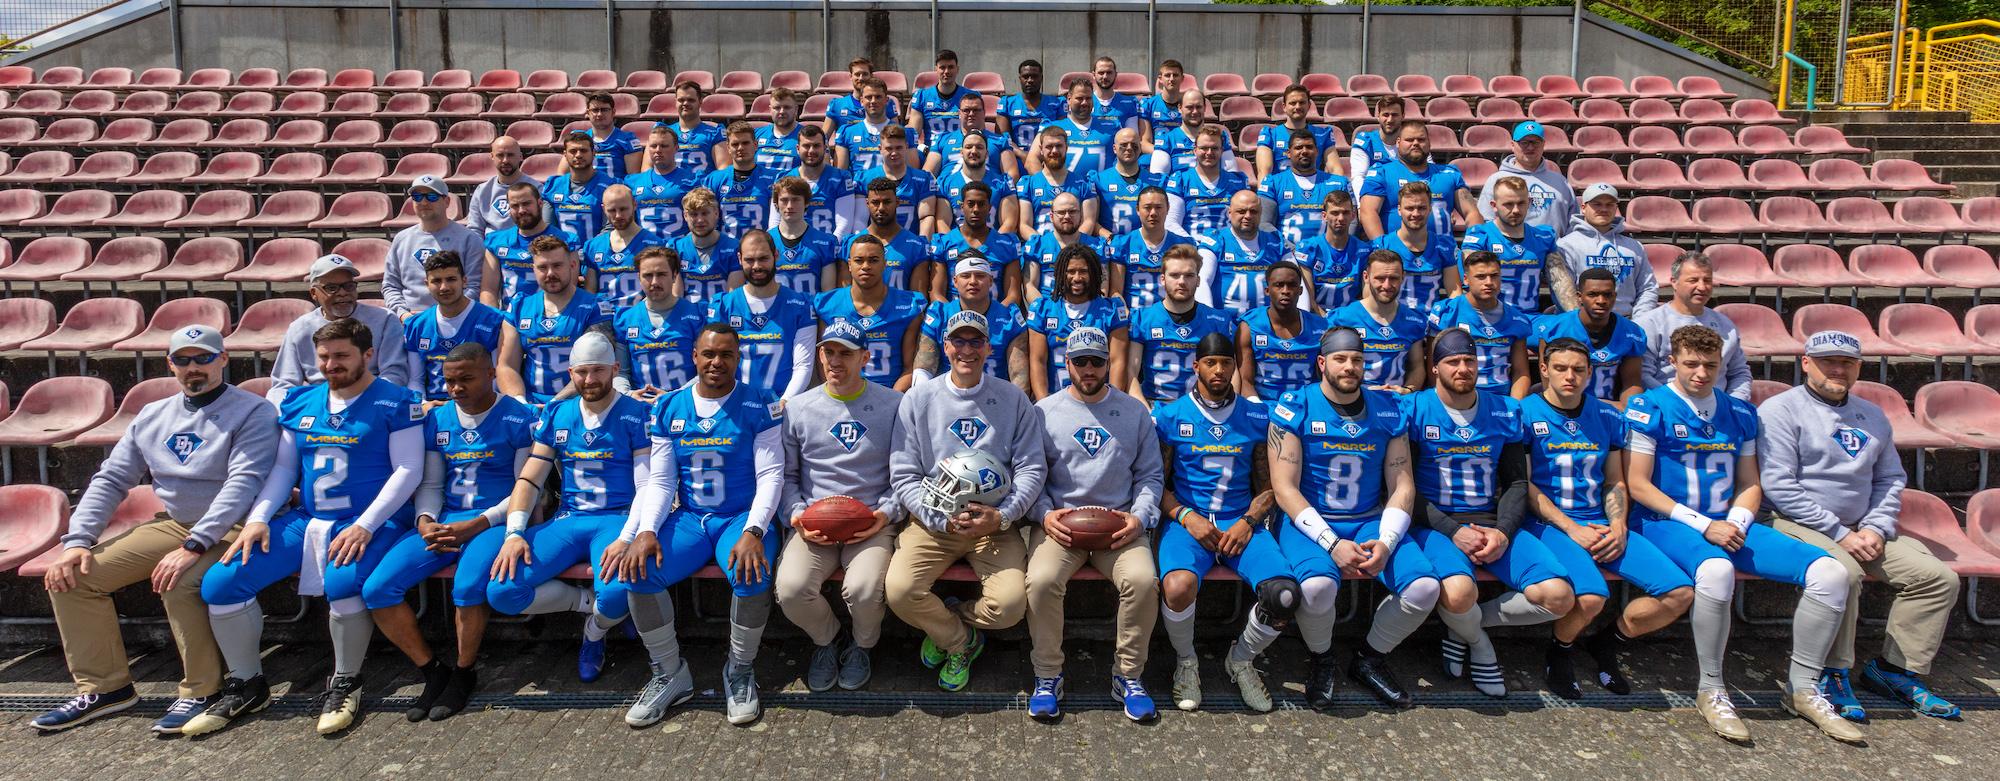 herren team 2019